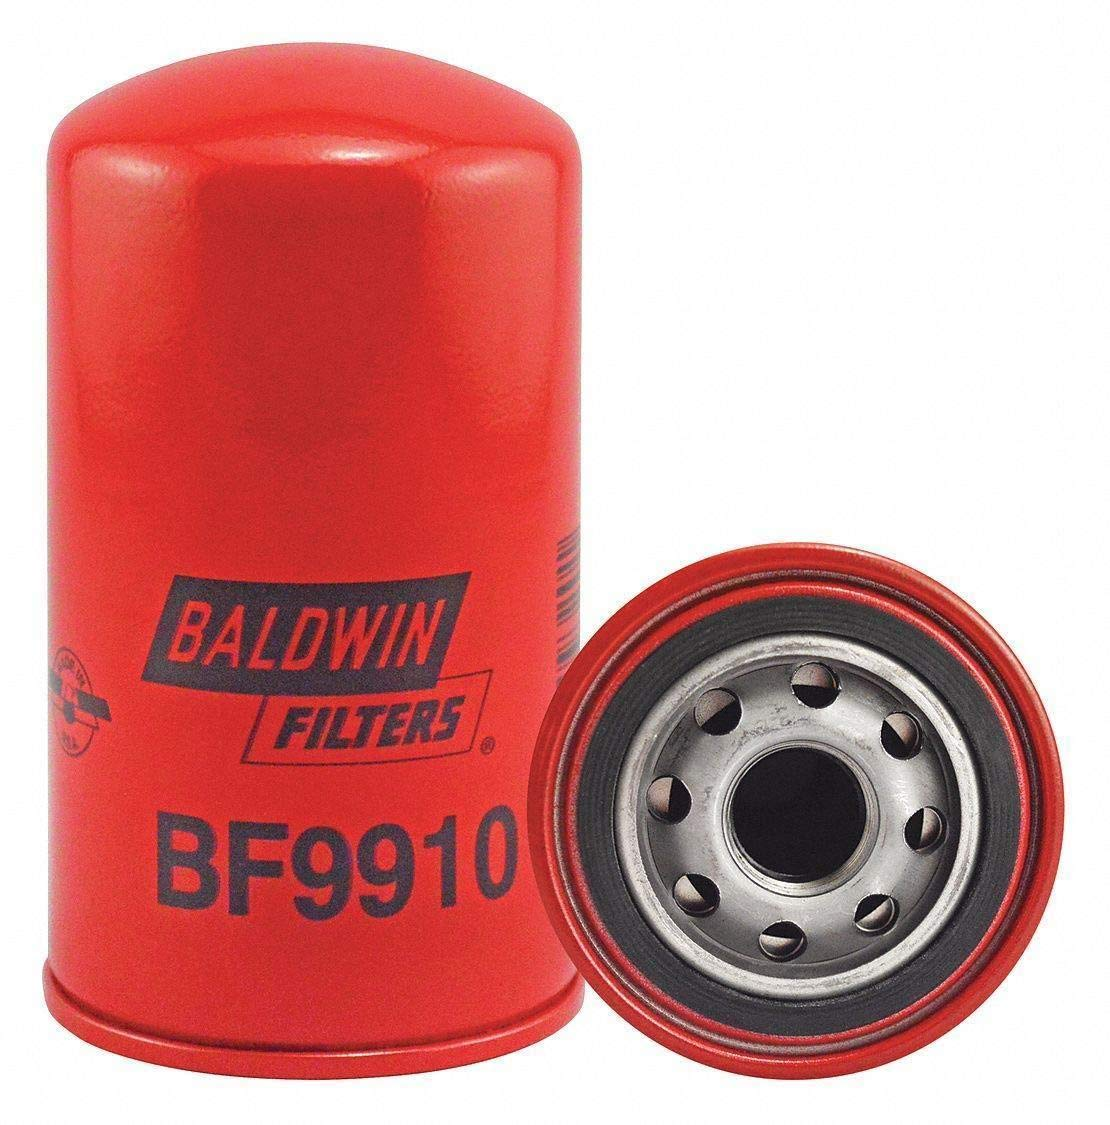 Cartridge 4-1//2in. L Baldwin BF9910 Heavy Duty Fuel Filter